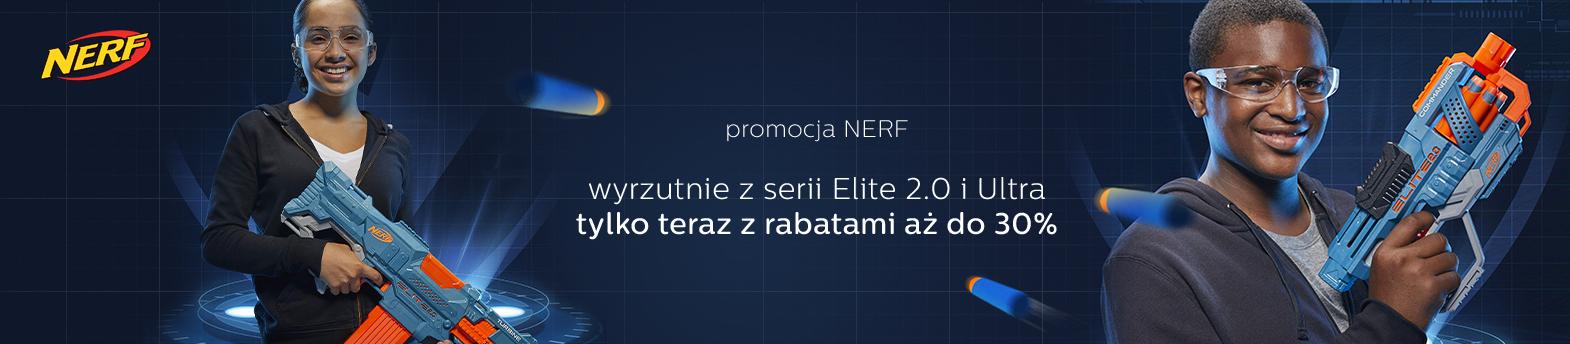 NERF-30%